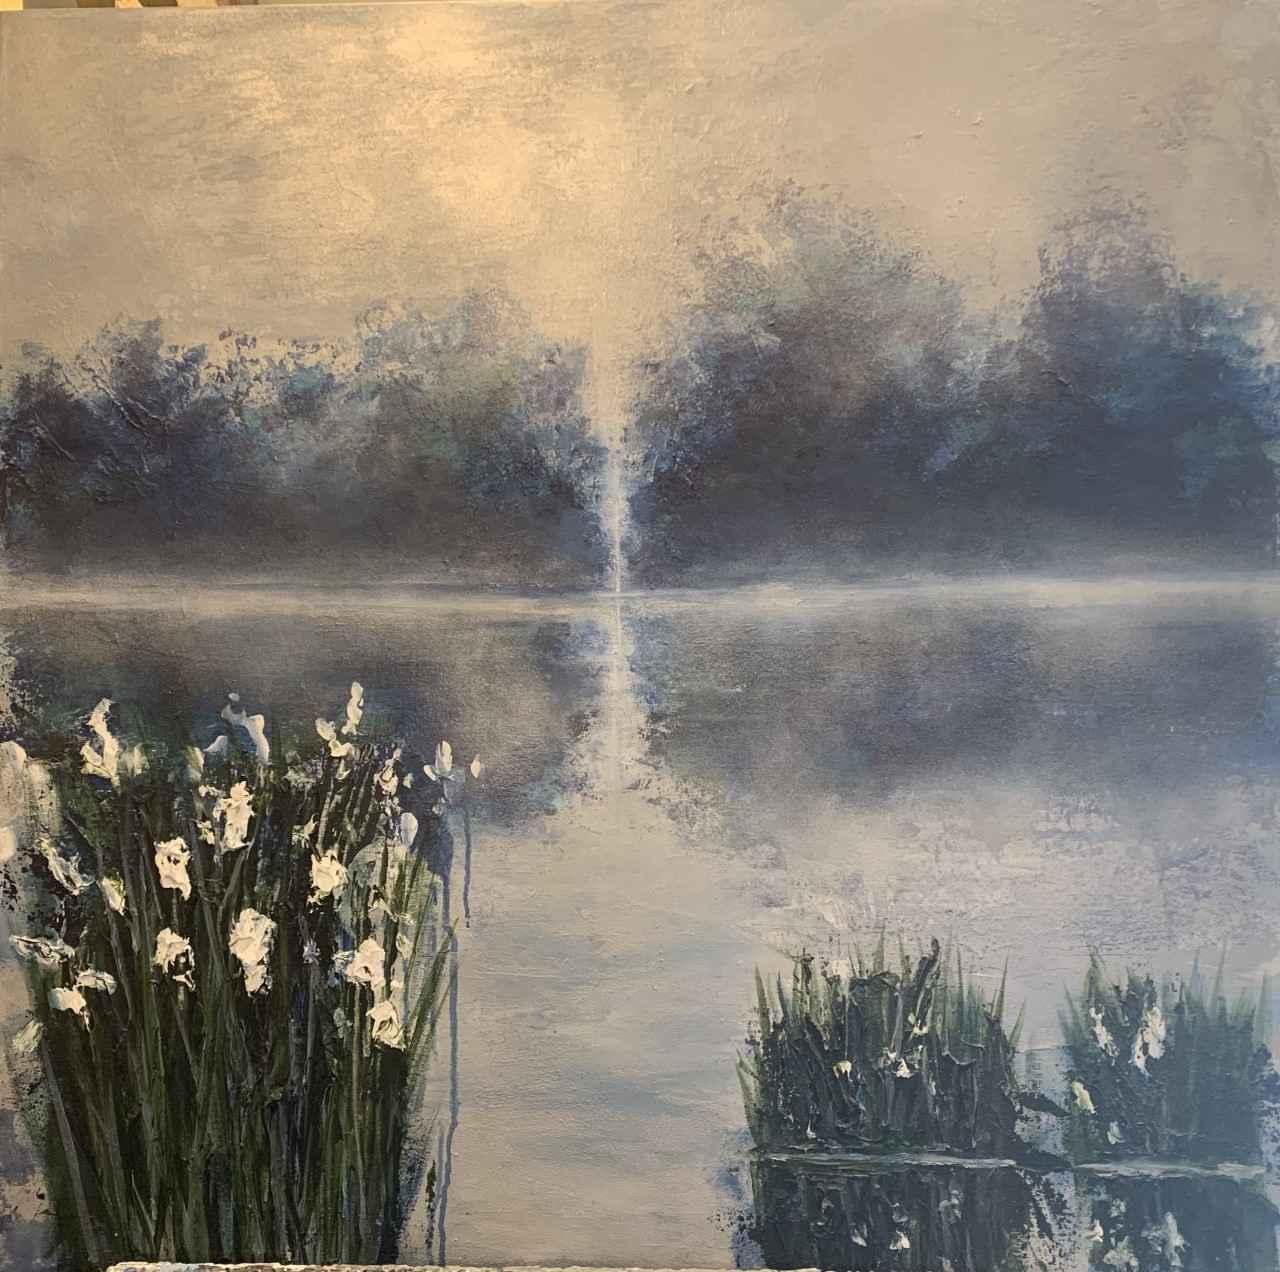 The Fog Rolls In by  Steve Lyons - Masterpiece Online